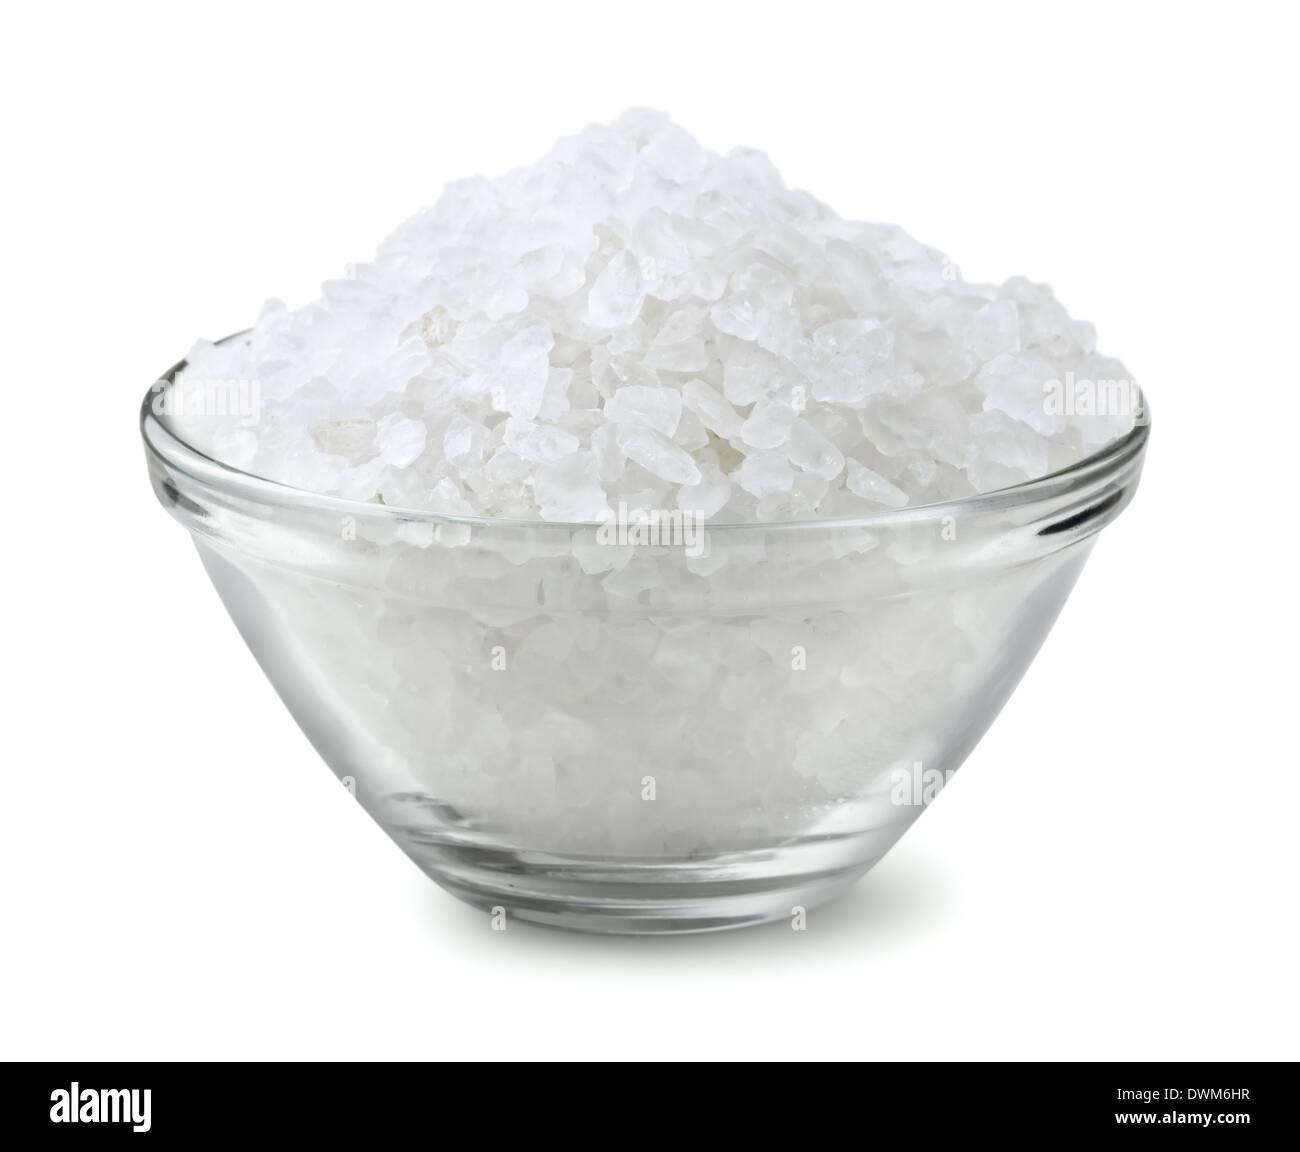 Glasschale Salz isoliert auf weiss Stockbild